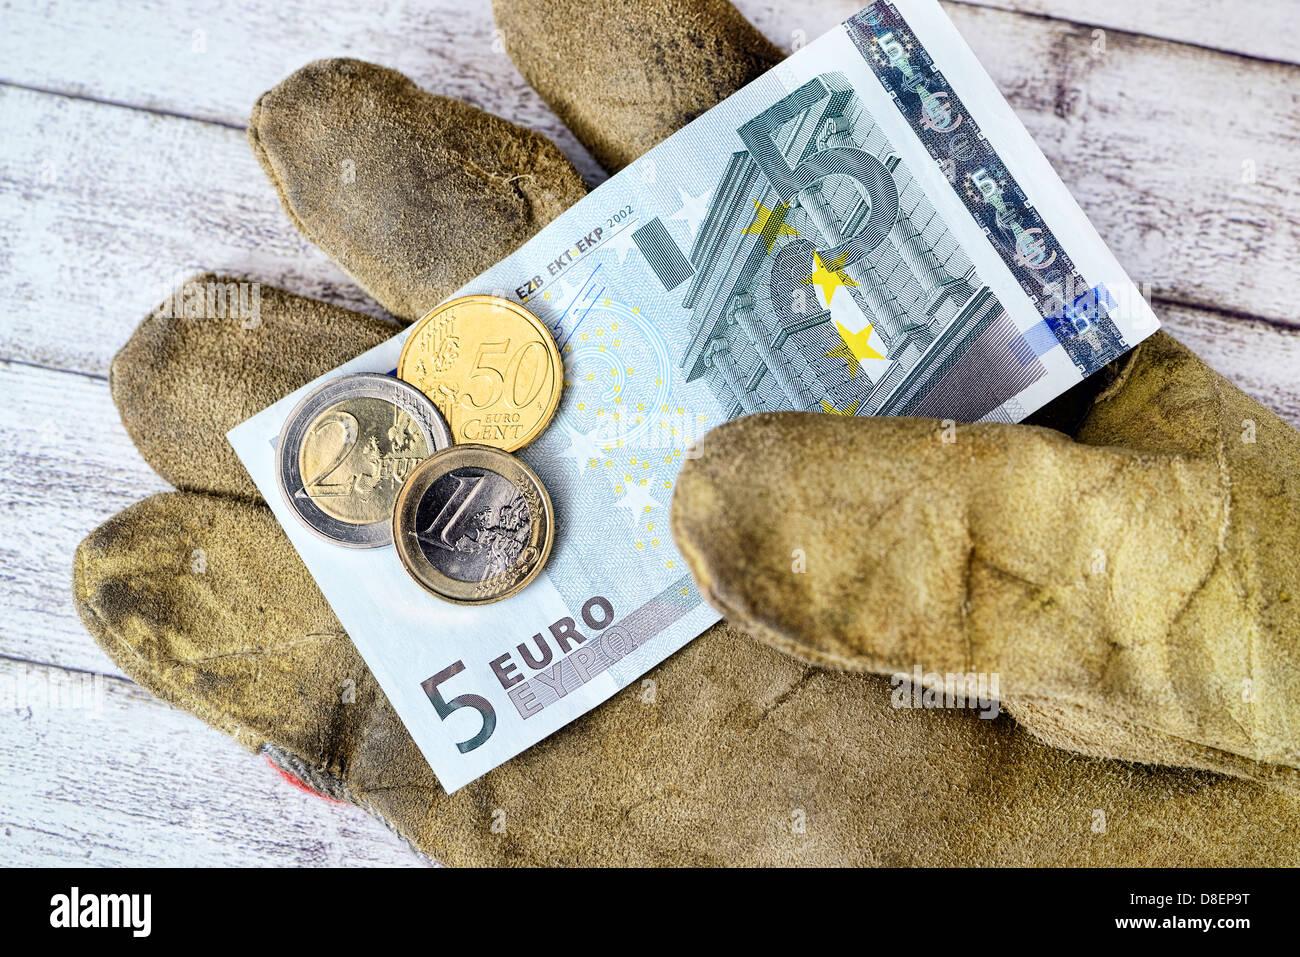 Guanti di lavoro con 8.50 euro salario minimo Foto Stock